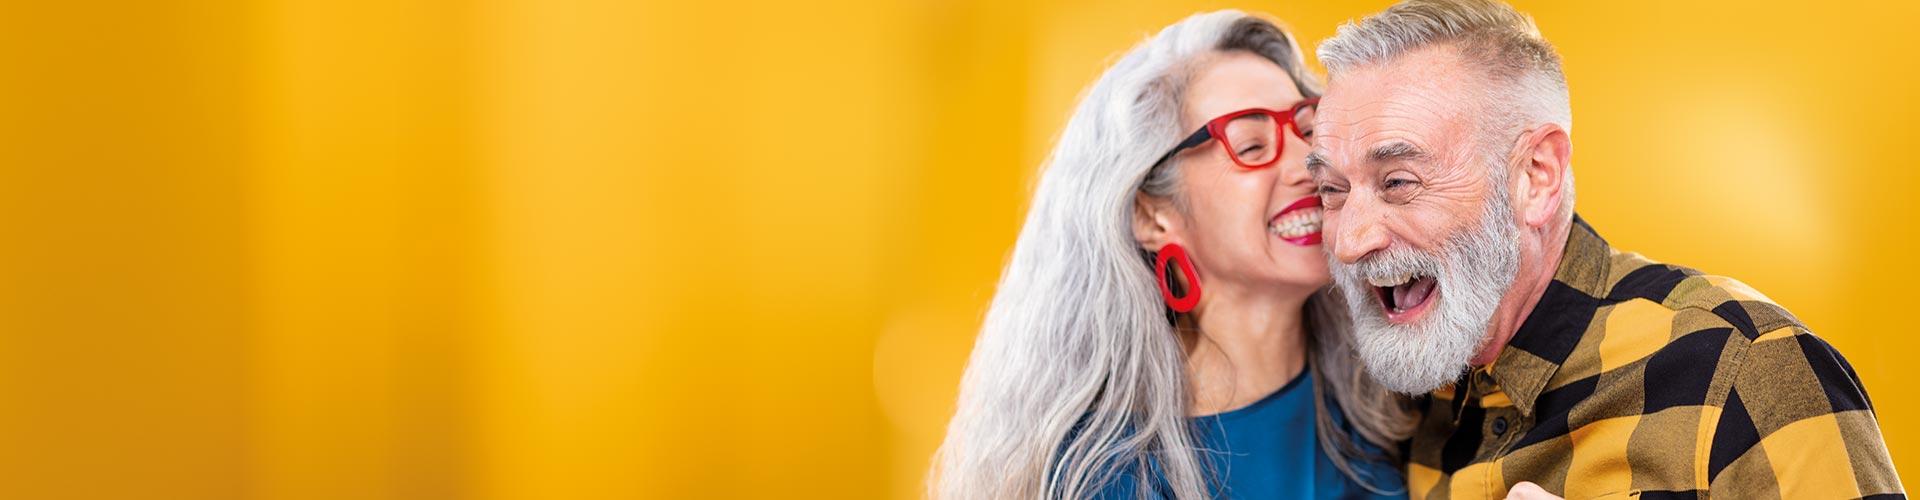 Une femme d'âge mûr chuchote un secret à un ami au creux de son oreille. Il porte des appareils auditifs rechargeables Philips HearLink.